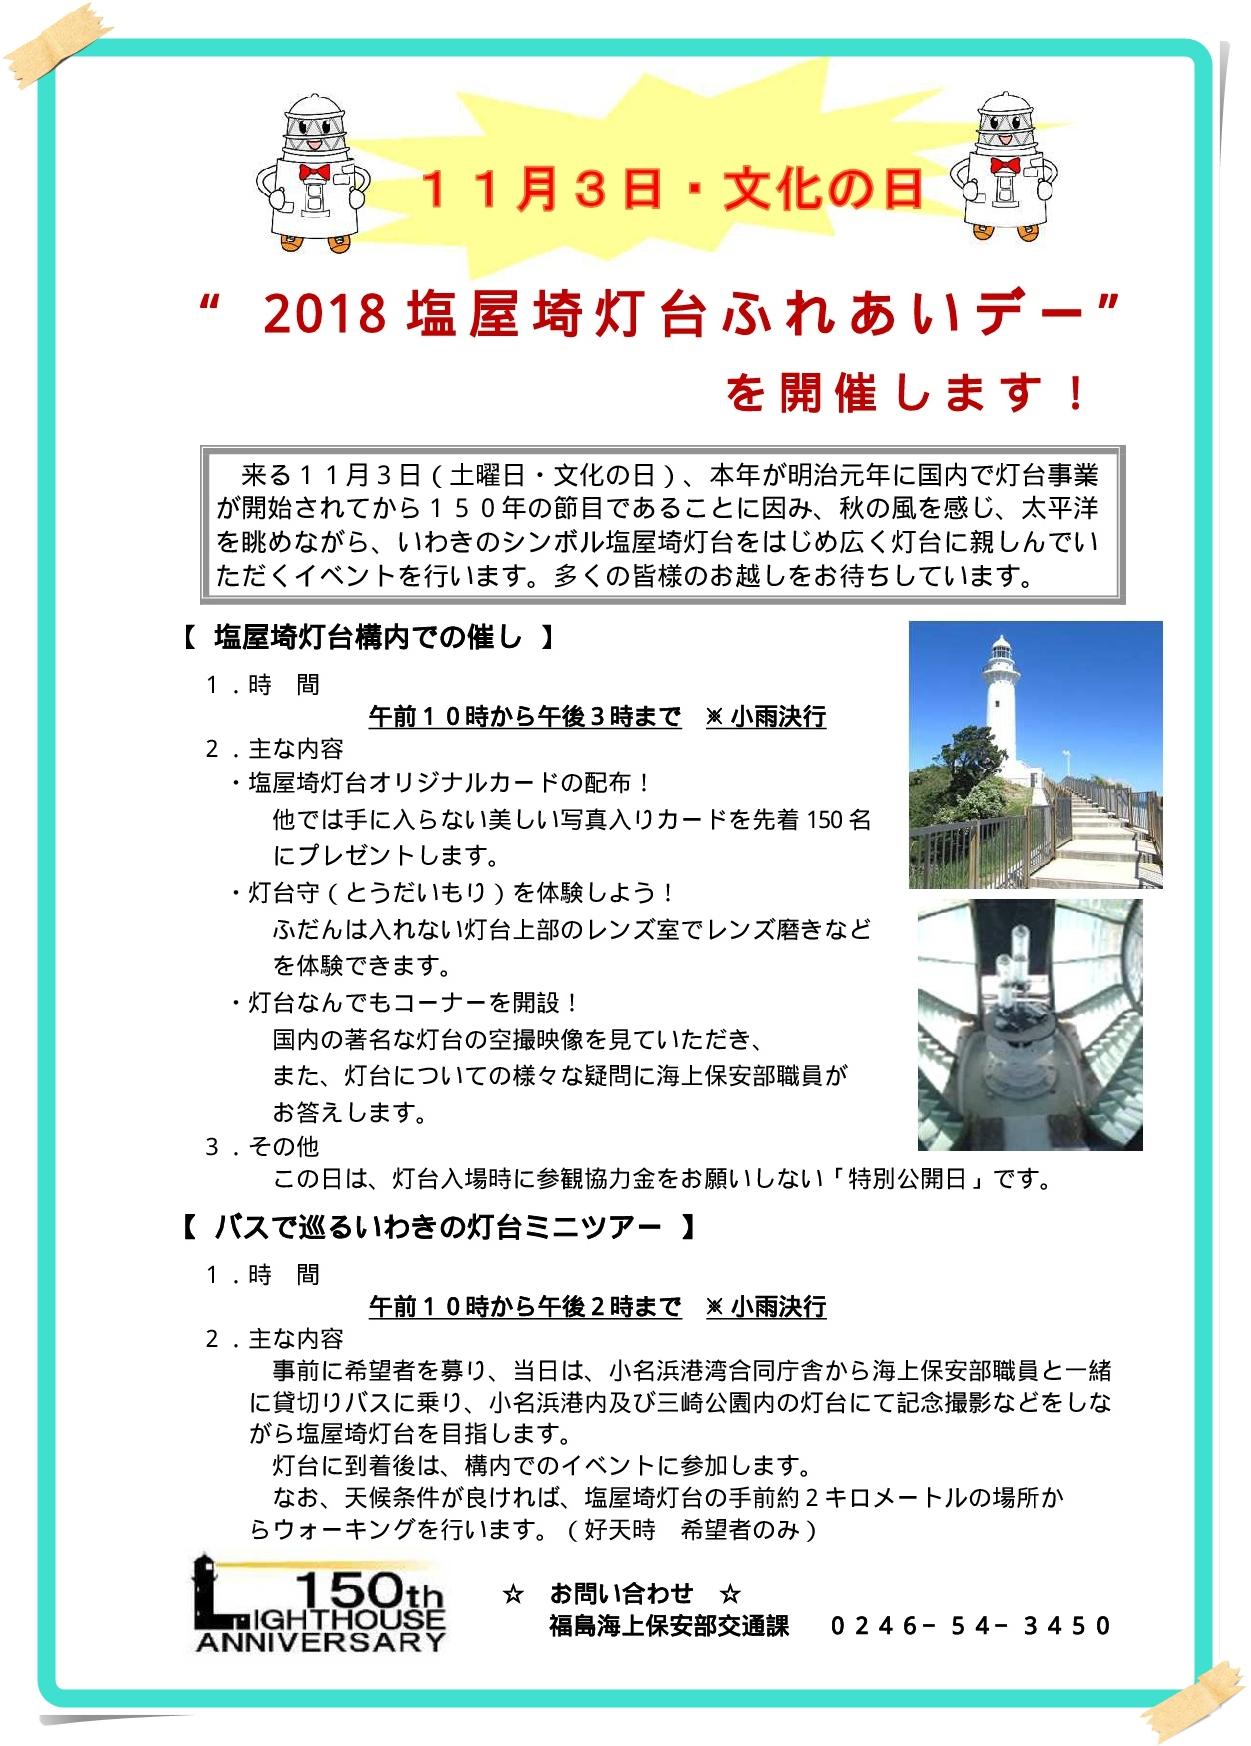 「2018塩屋埼灯台ふれあいデー」11月3日(土・祝)開催! [平成30年10月28日(日)更新]